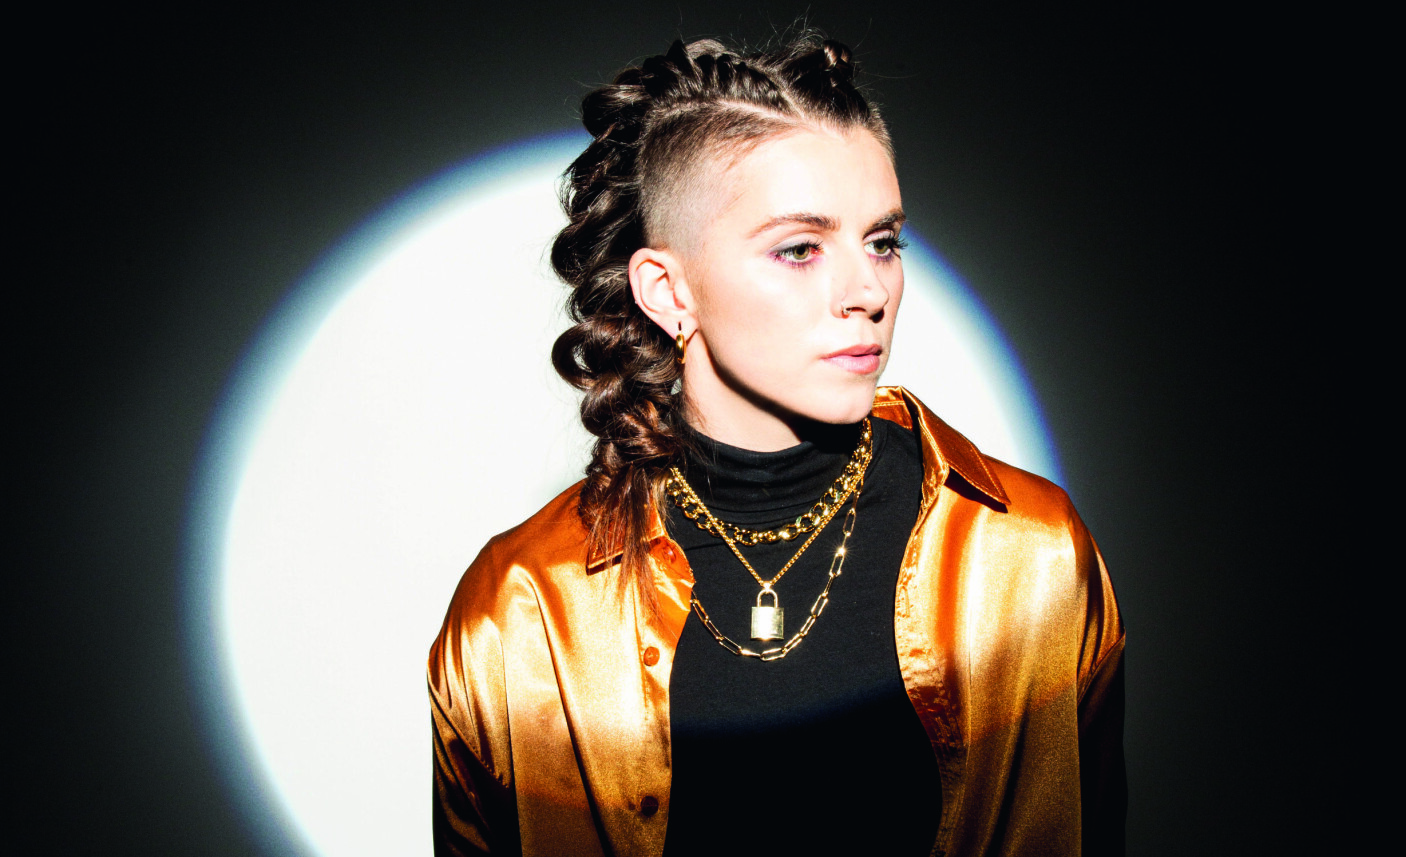 Lynn Gunn har fortalt i intervjuer at hun er «interessert i astrologi og livsstier og rare energiting». Hun har også fortalt at hun har slitt med depresjon, og at dette var en viktig inspirasjon for mye av sangskrivingen.